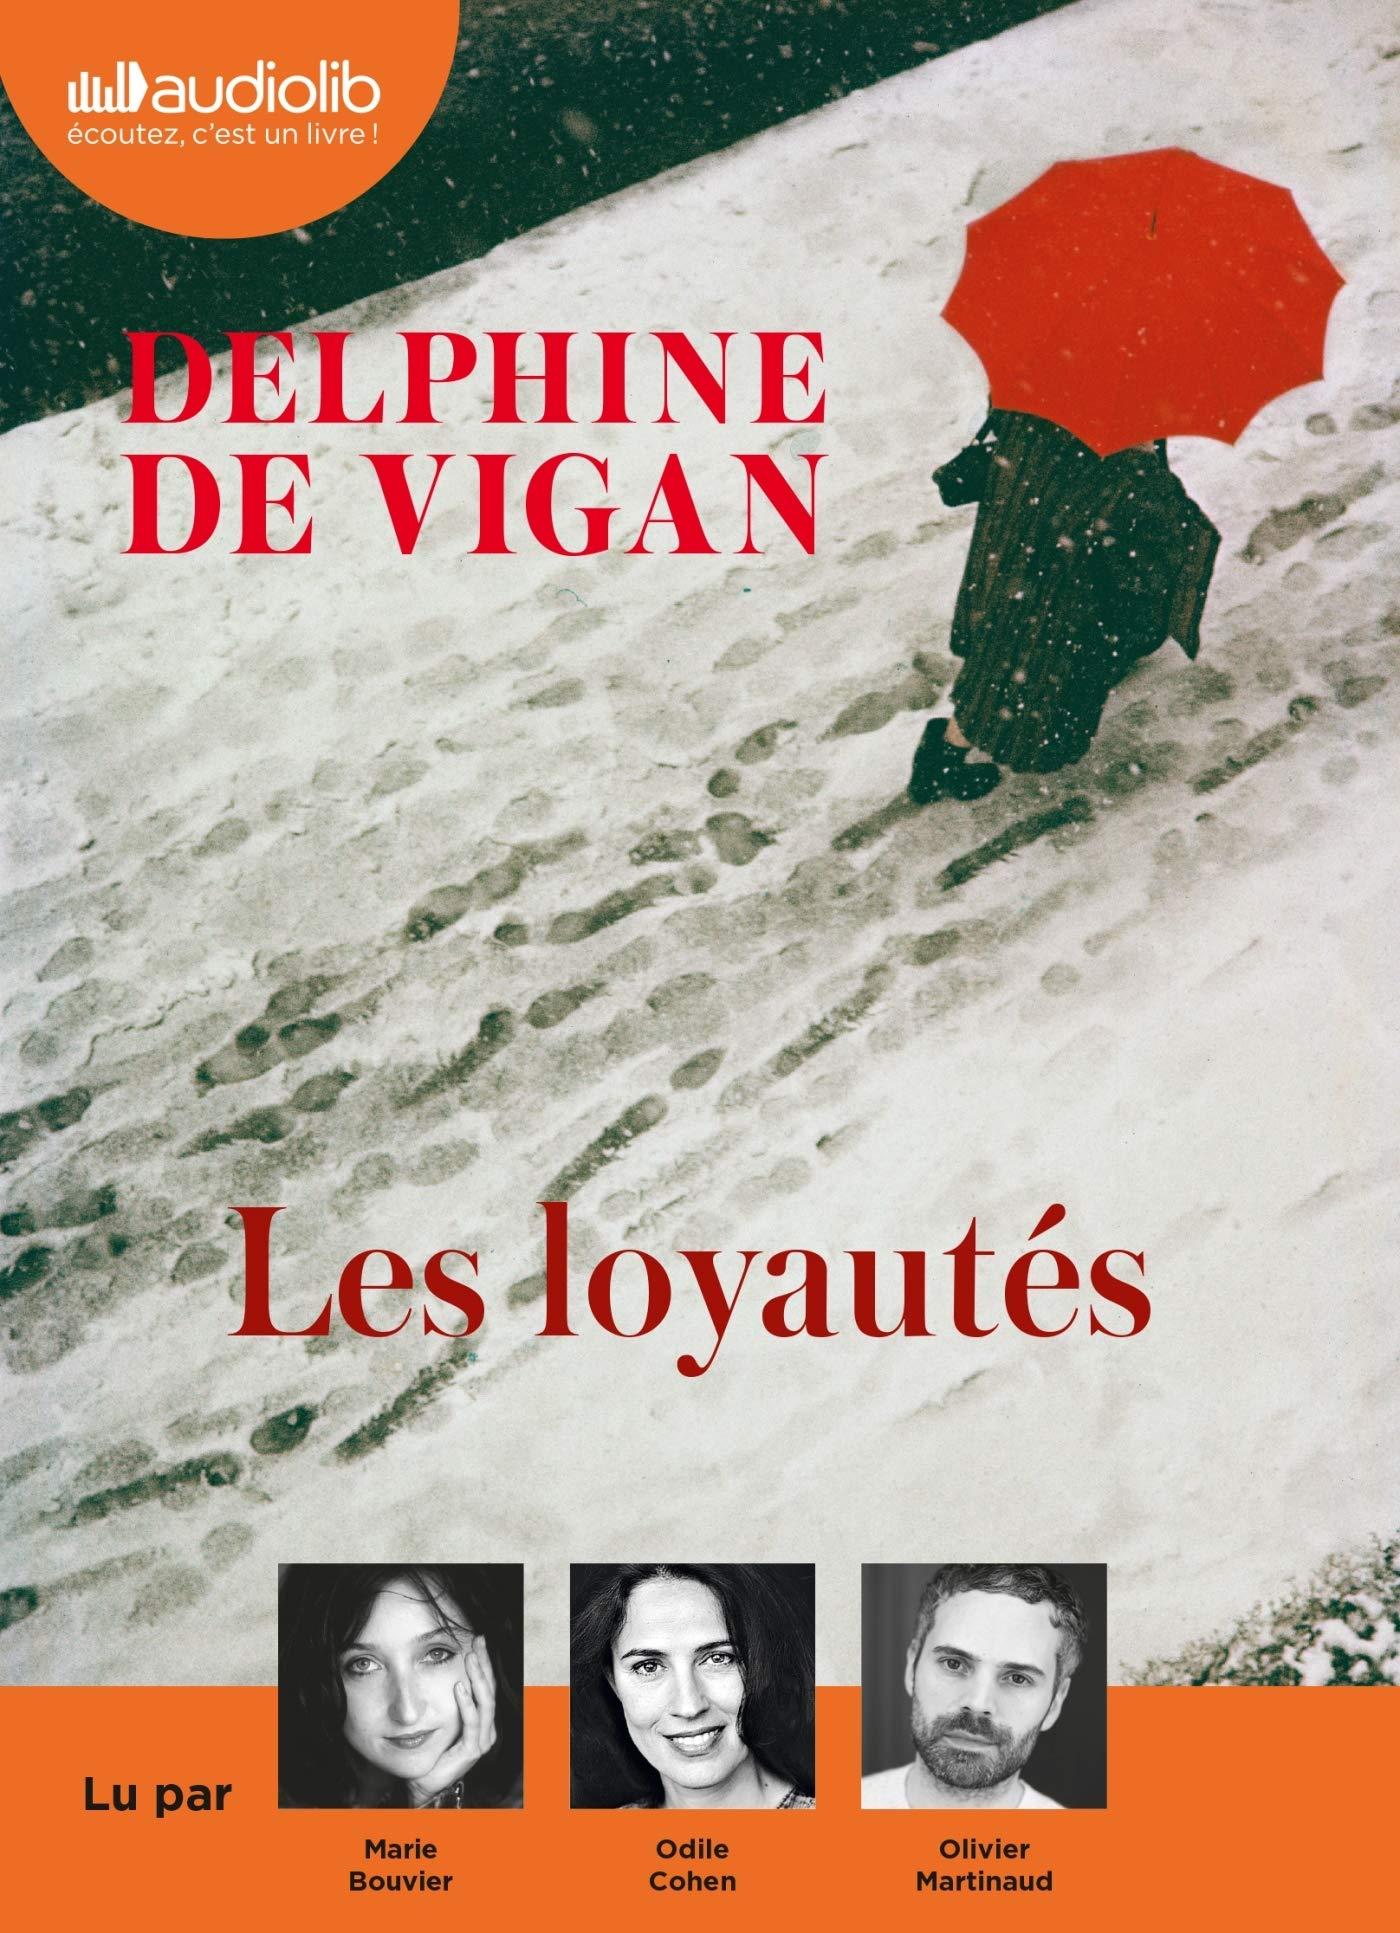 DELPHINE DE GRATUITEMENT LES VIGAN LOYAUTES TÉLÉCHARGER